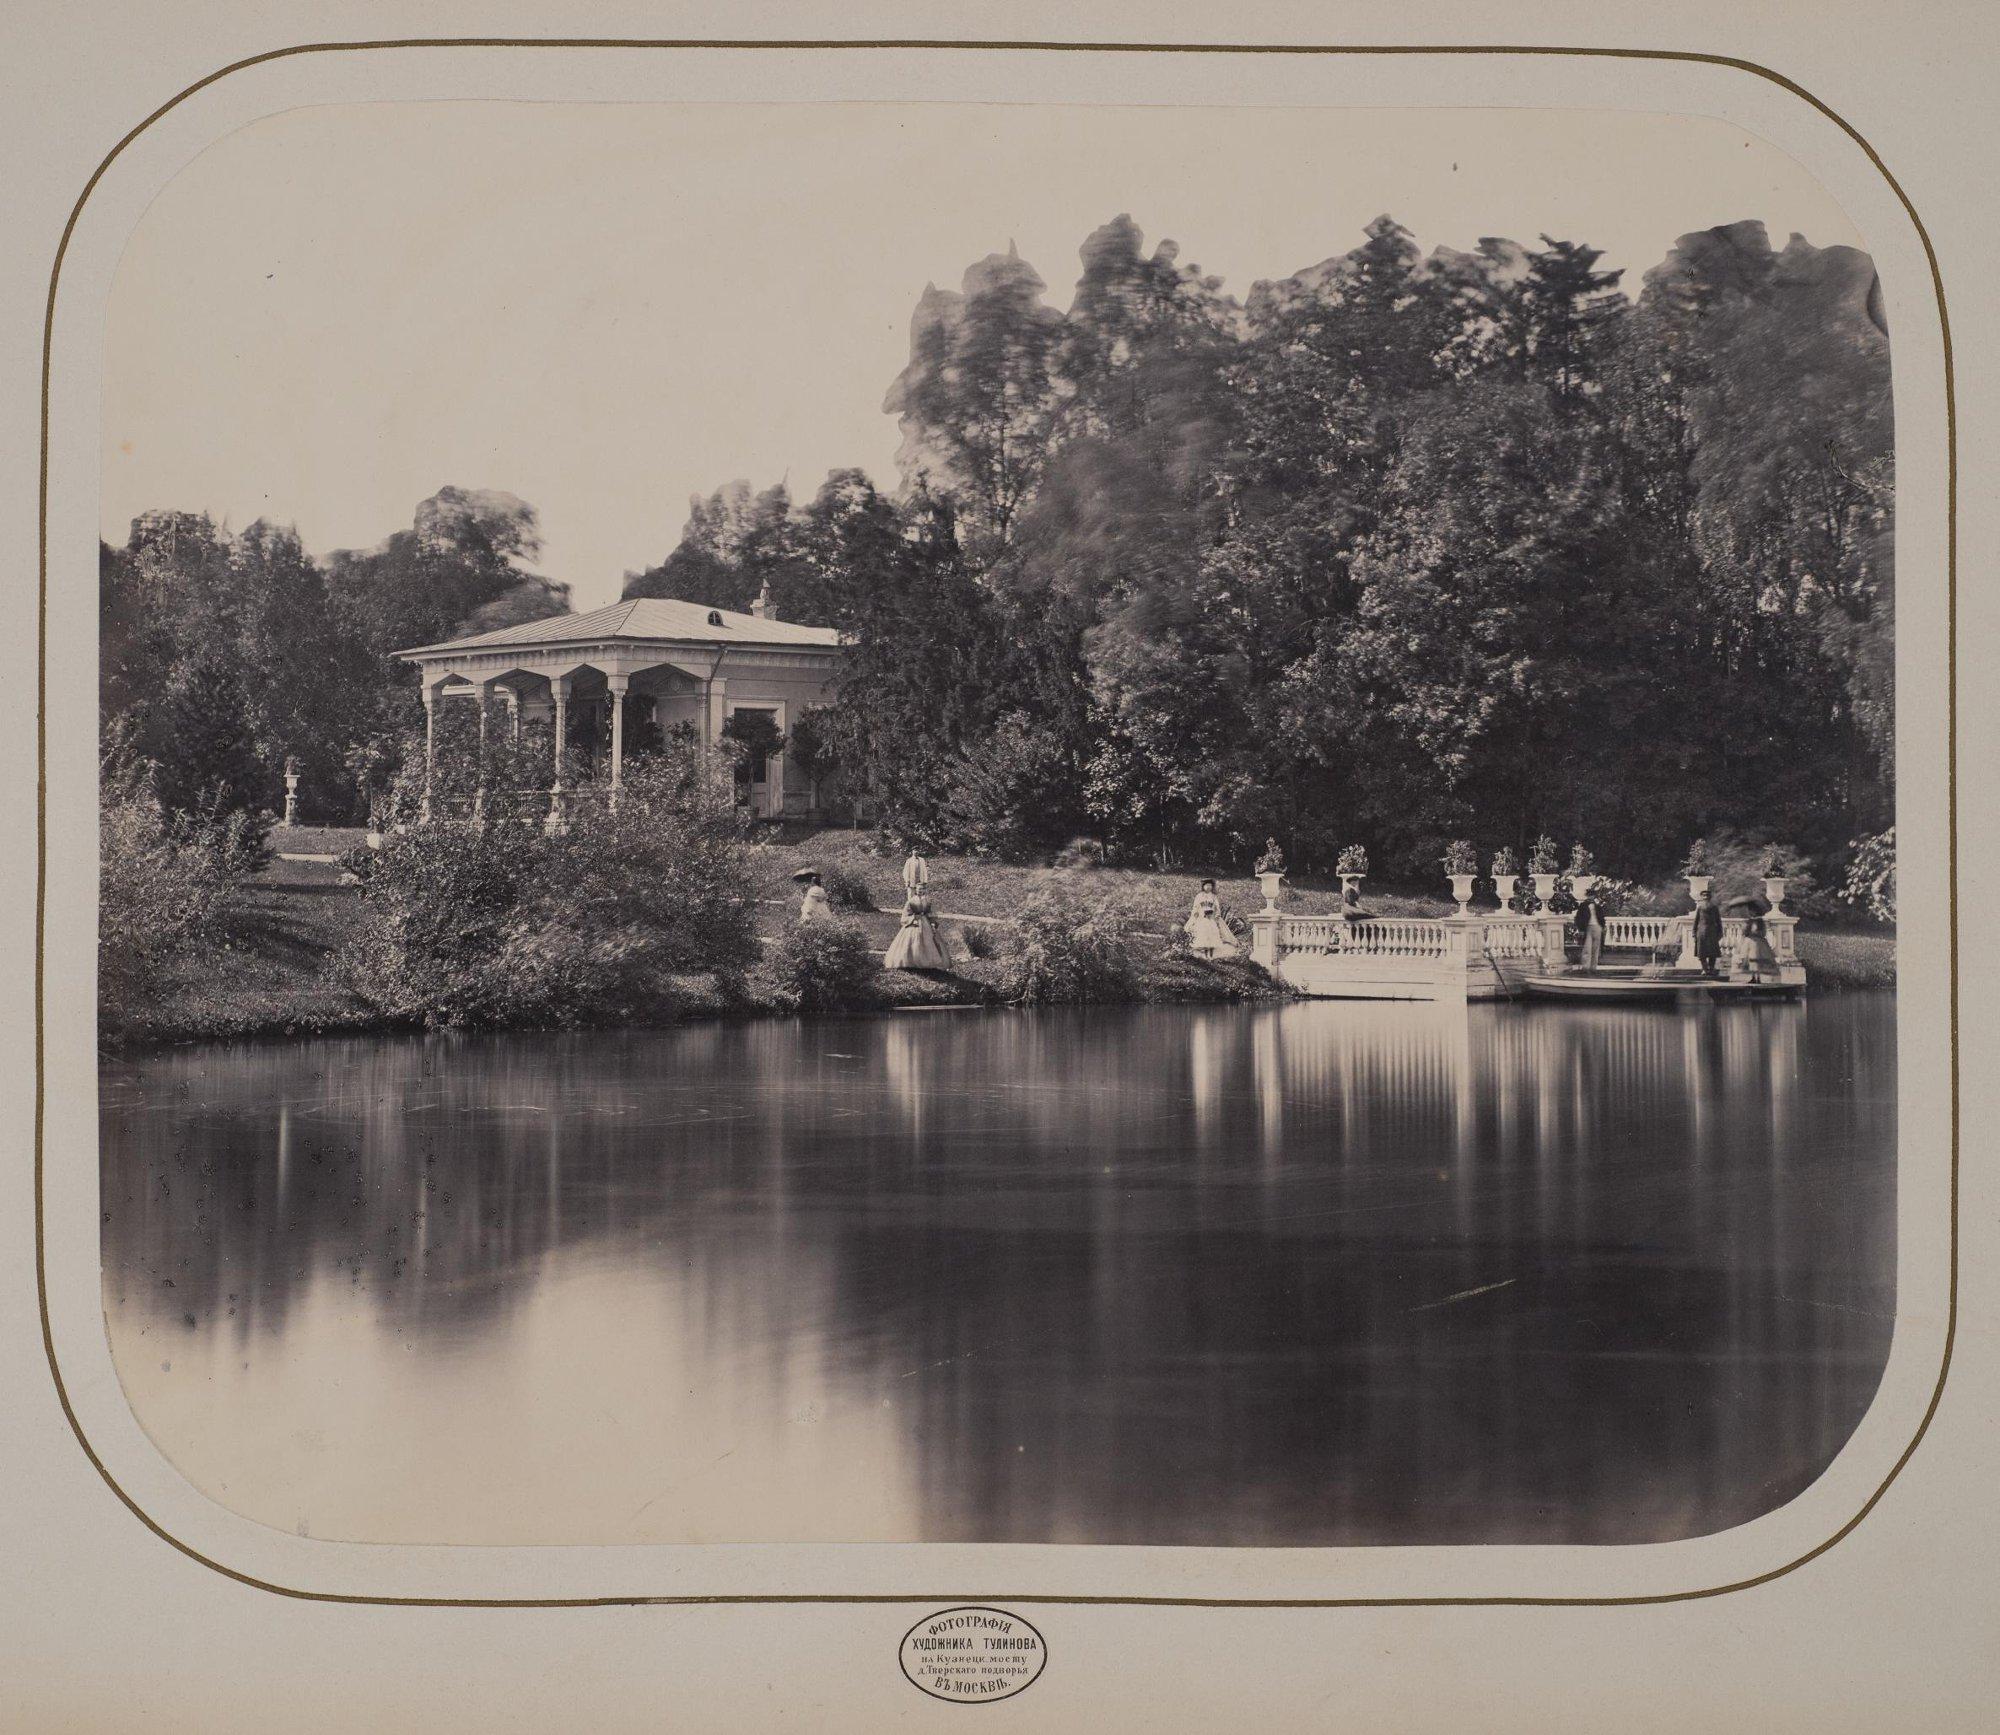 1860-е. Никольское-Прозоровское. Вид павильона Летний домик и пруда